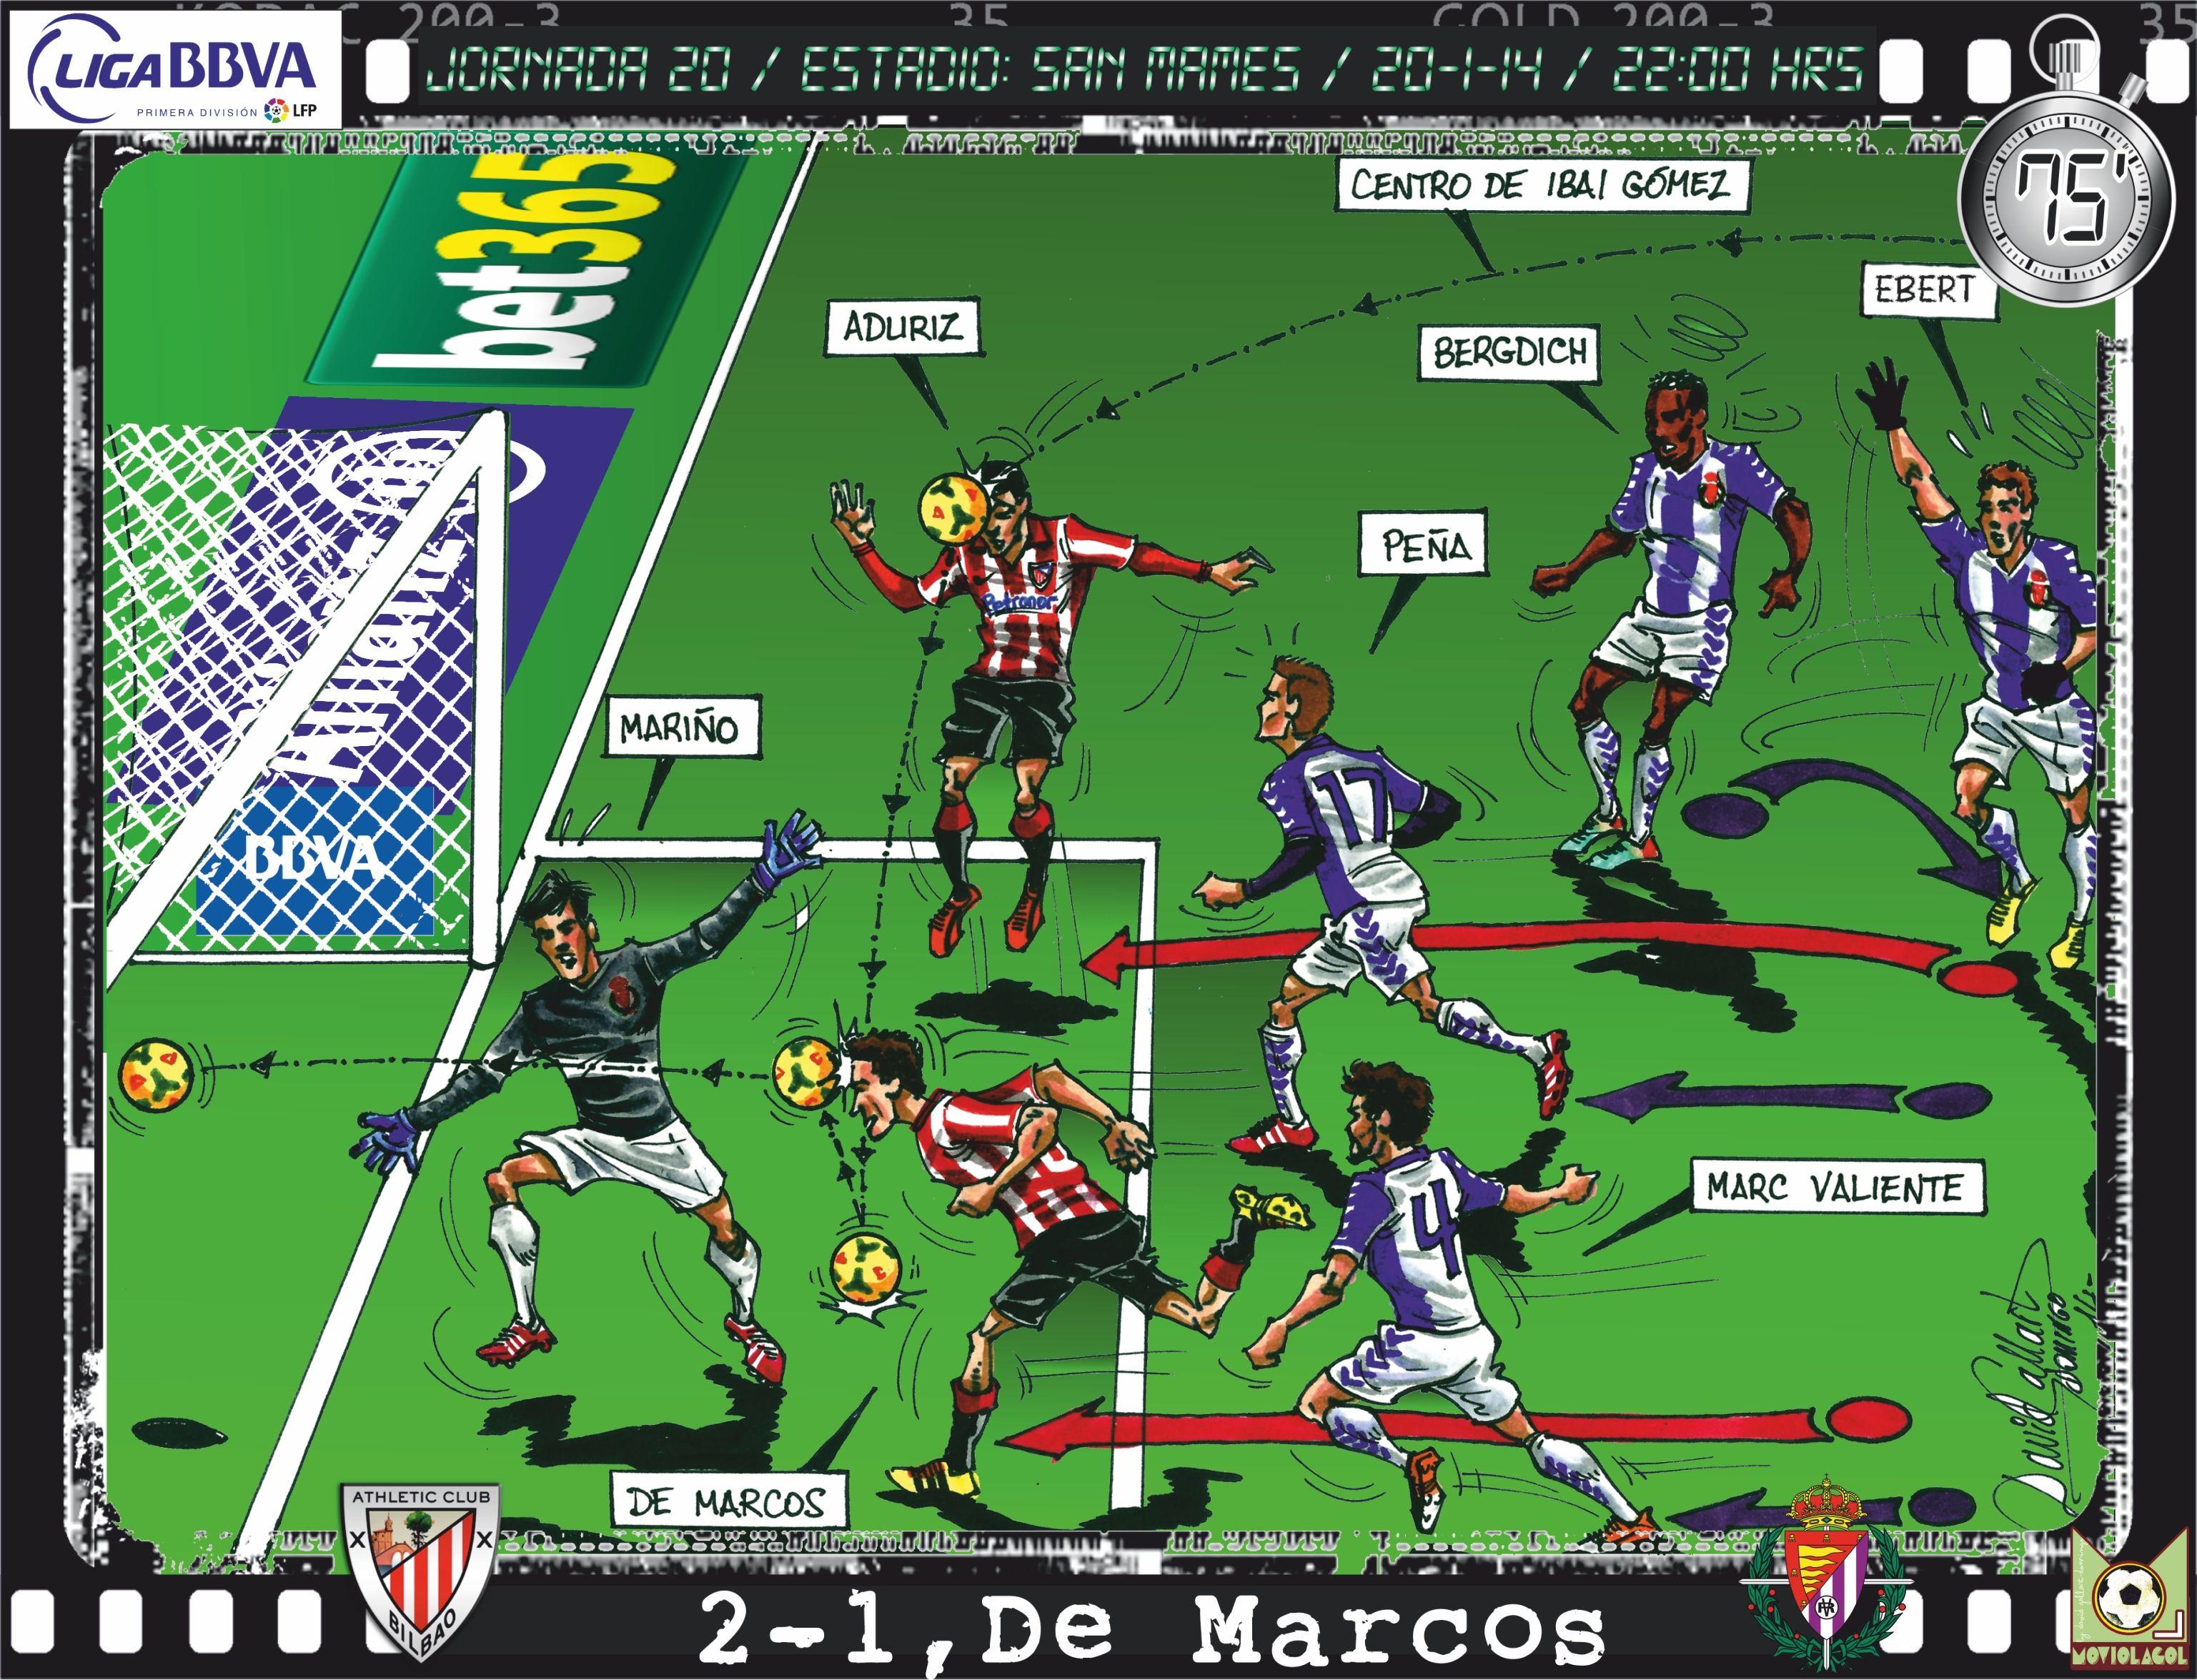 Athletic Club, 4 - Real Valladolid, 2 - Óscar De Marcos, 2-1, min.75'